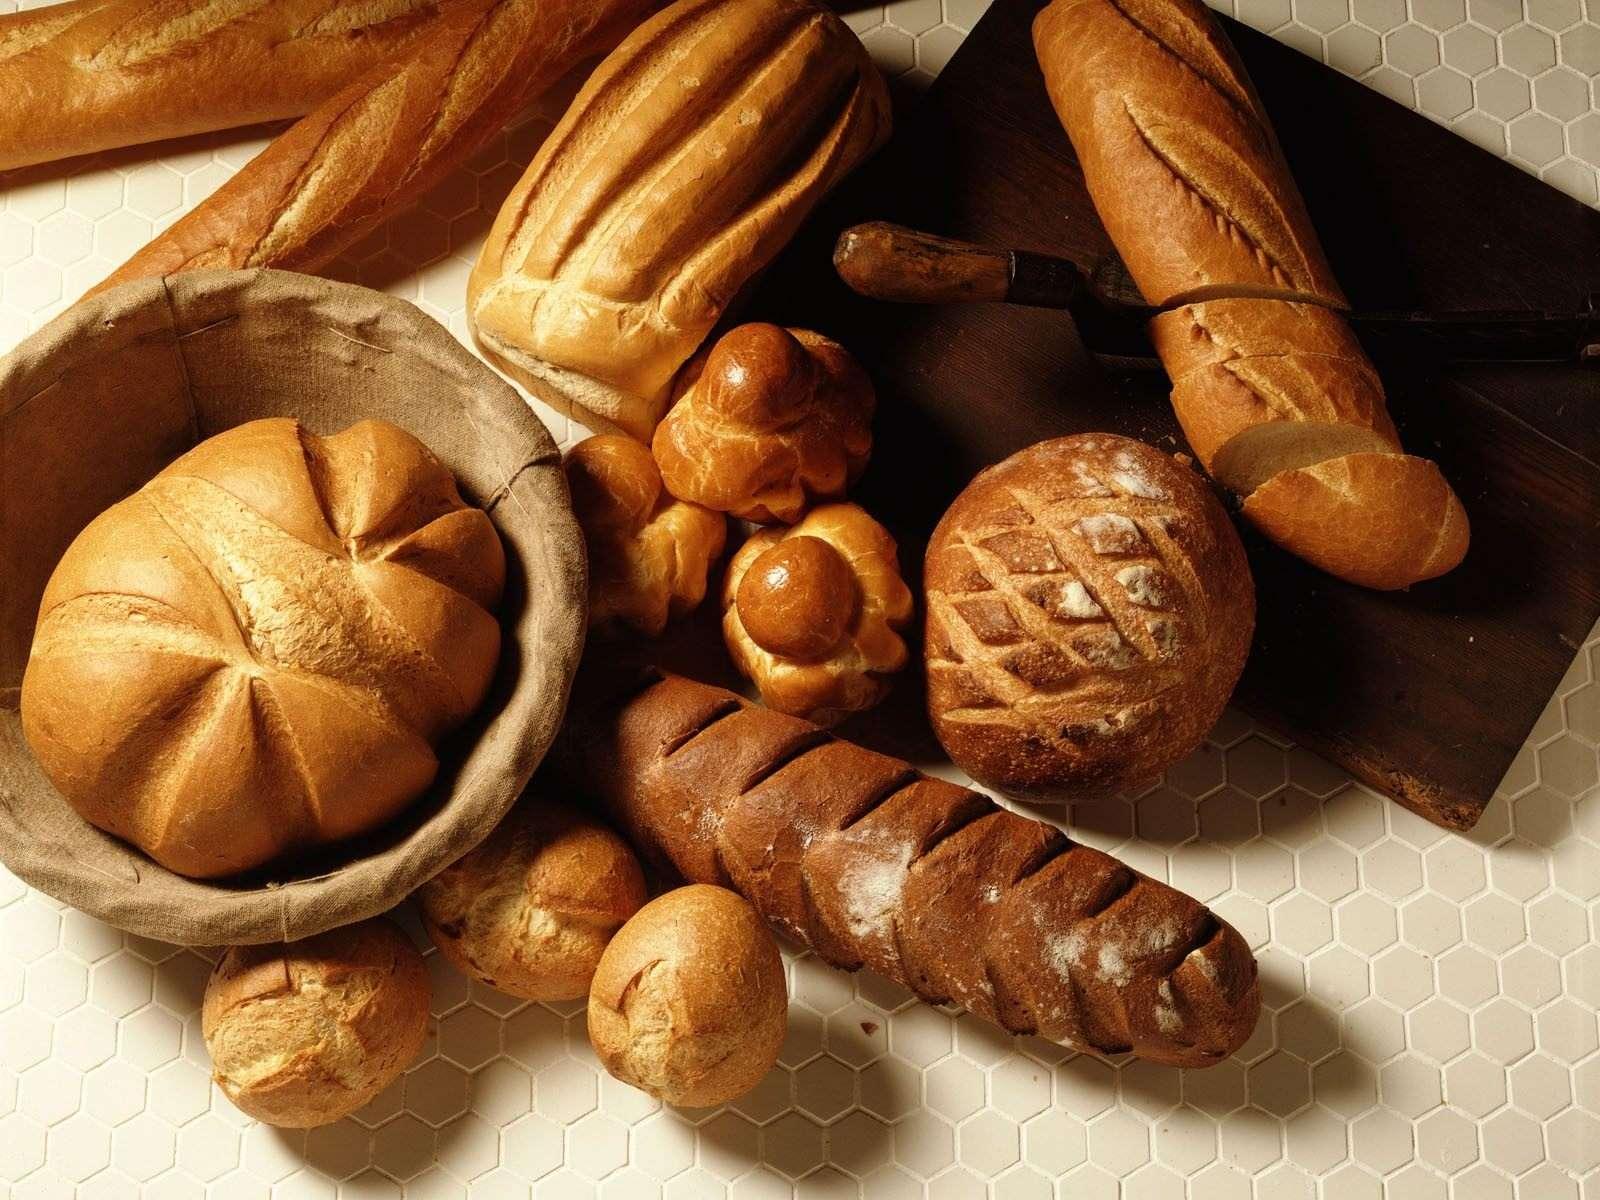 Больше всего хлебобулочной продукции в РФ производят в Подмосковье